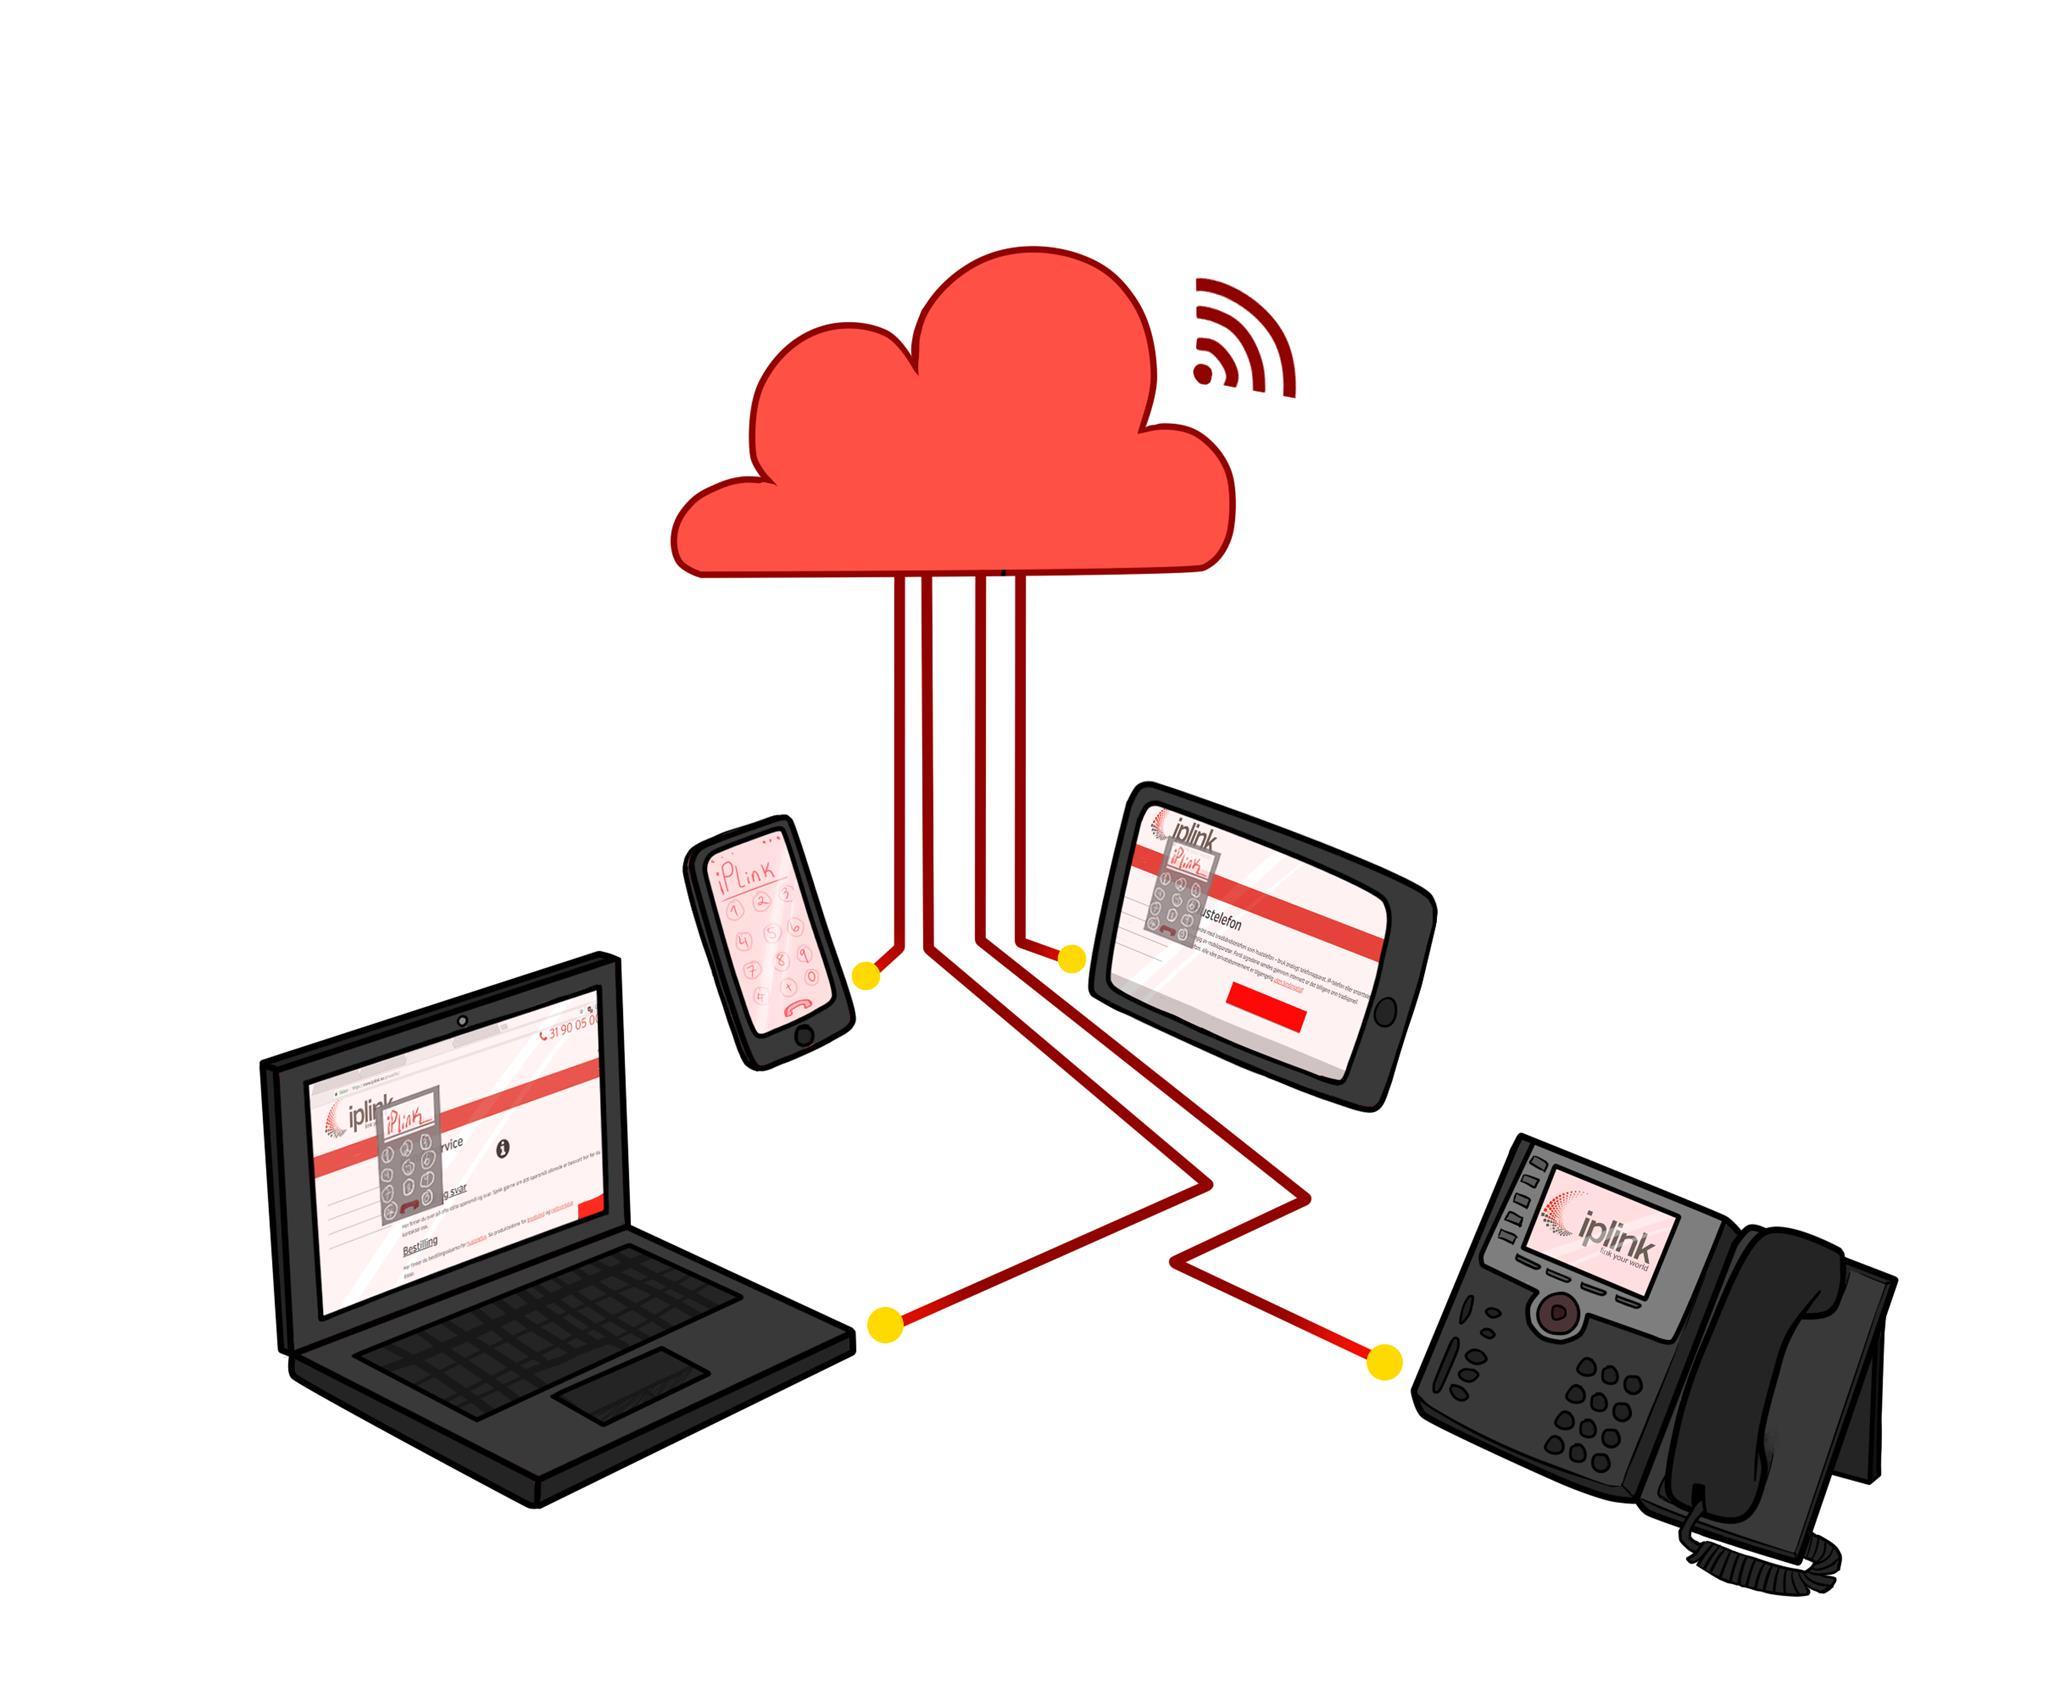 En sky knytter sammen en laptop, smarttelefon, nettbrett og en IP-telefon med telefoni fra iplink